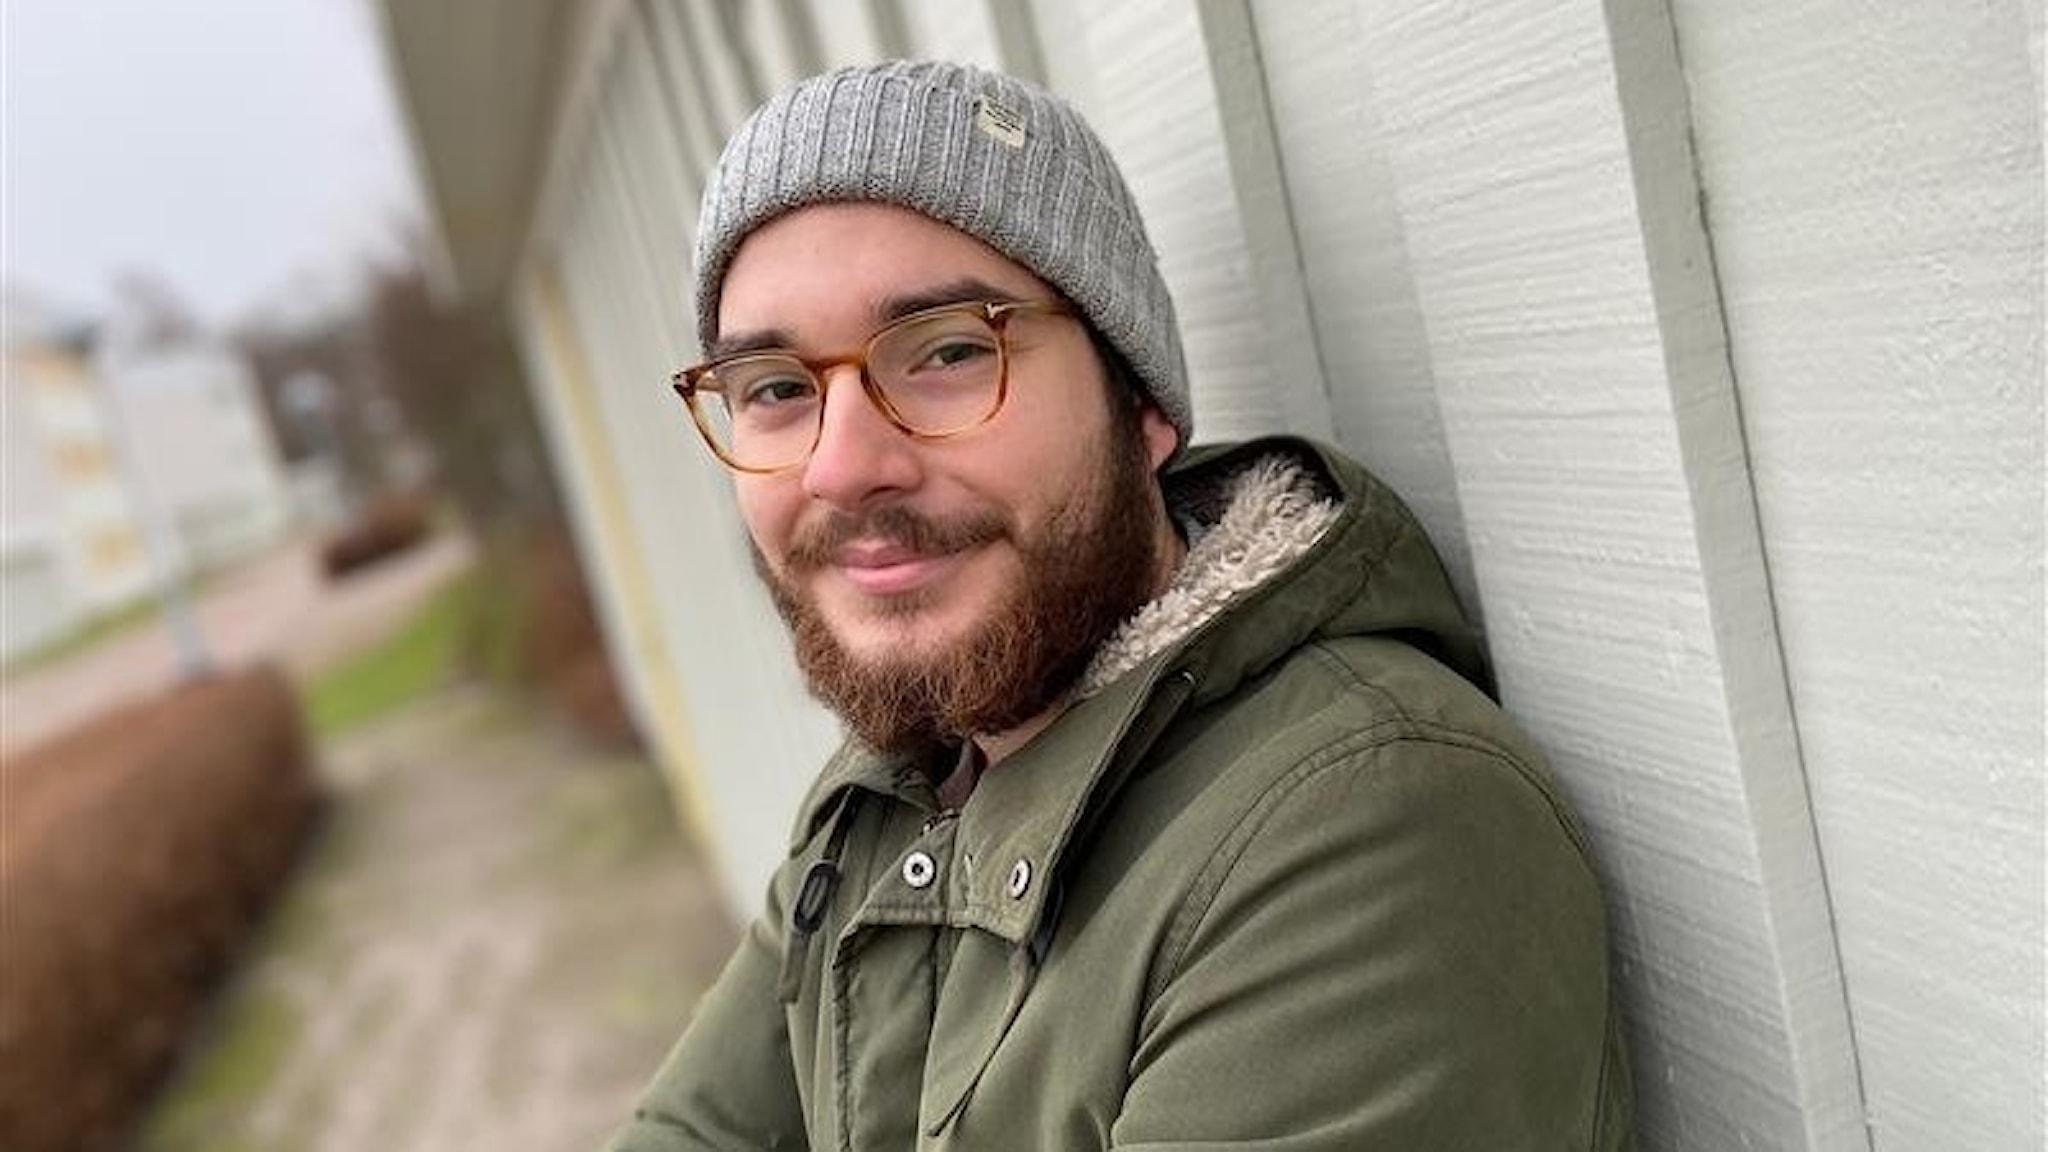 En man med grå mössa och glasögon lutar sej mot en vit vägg.